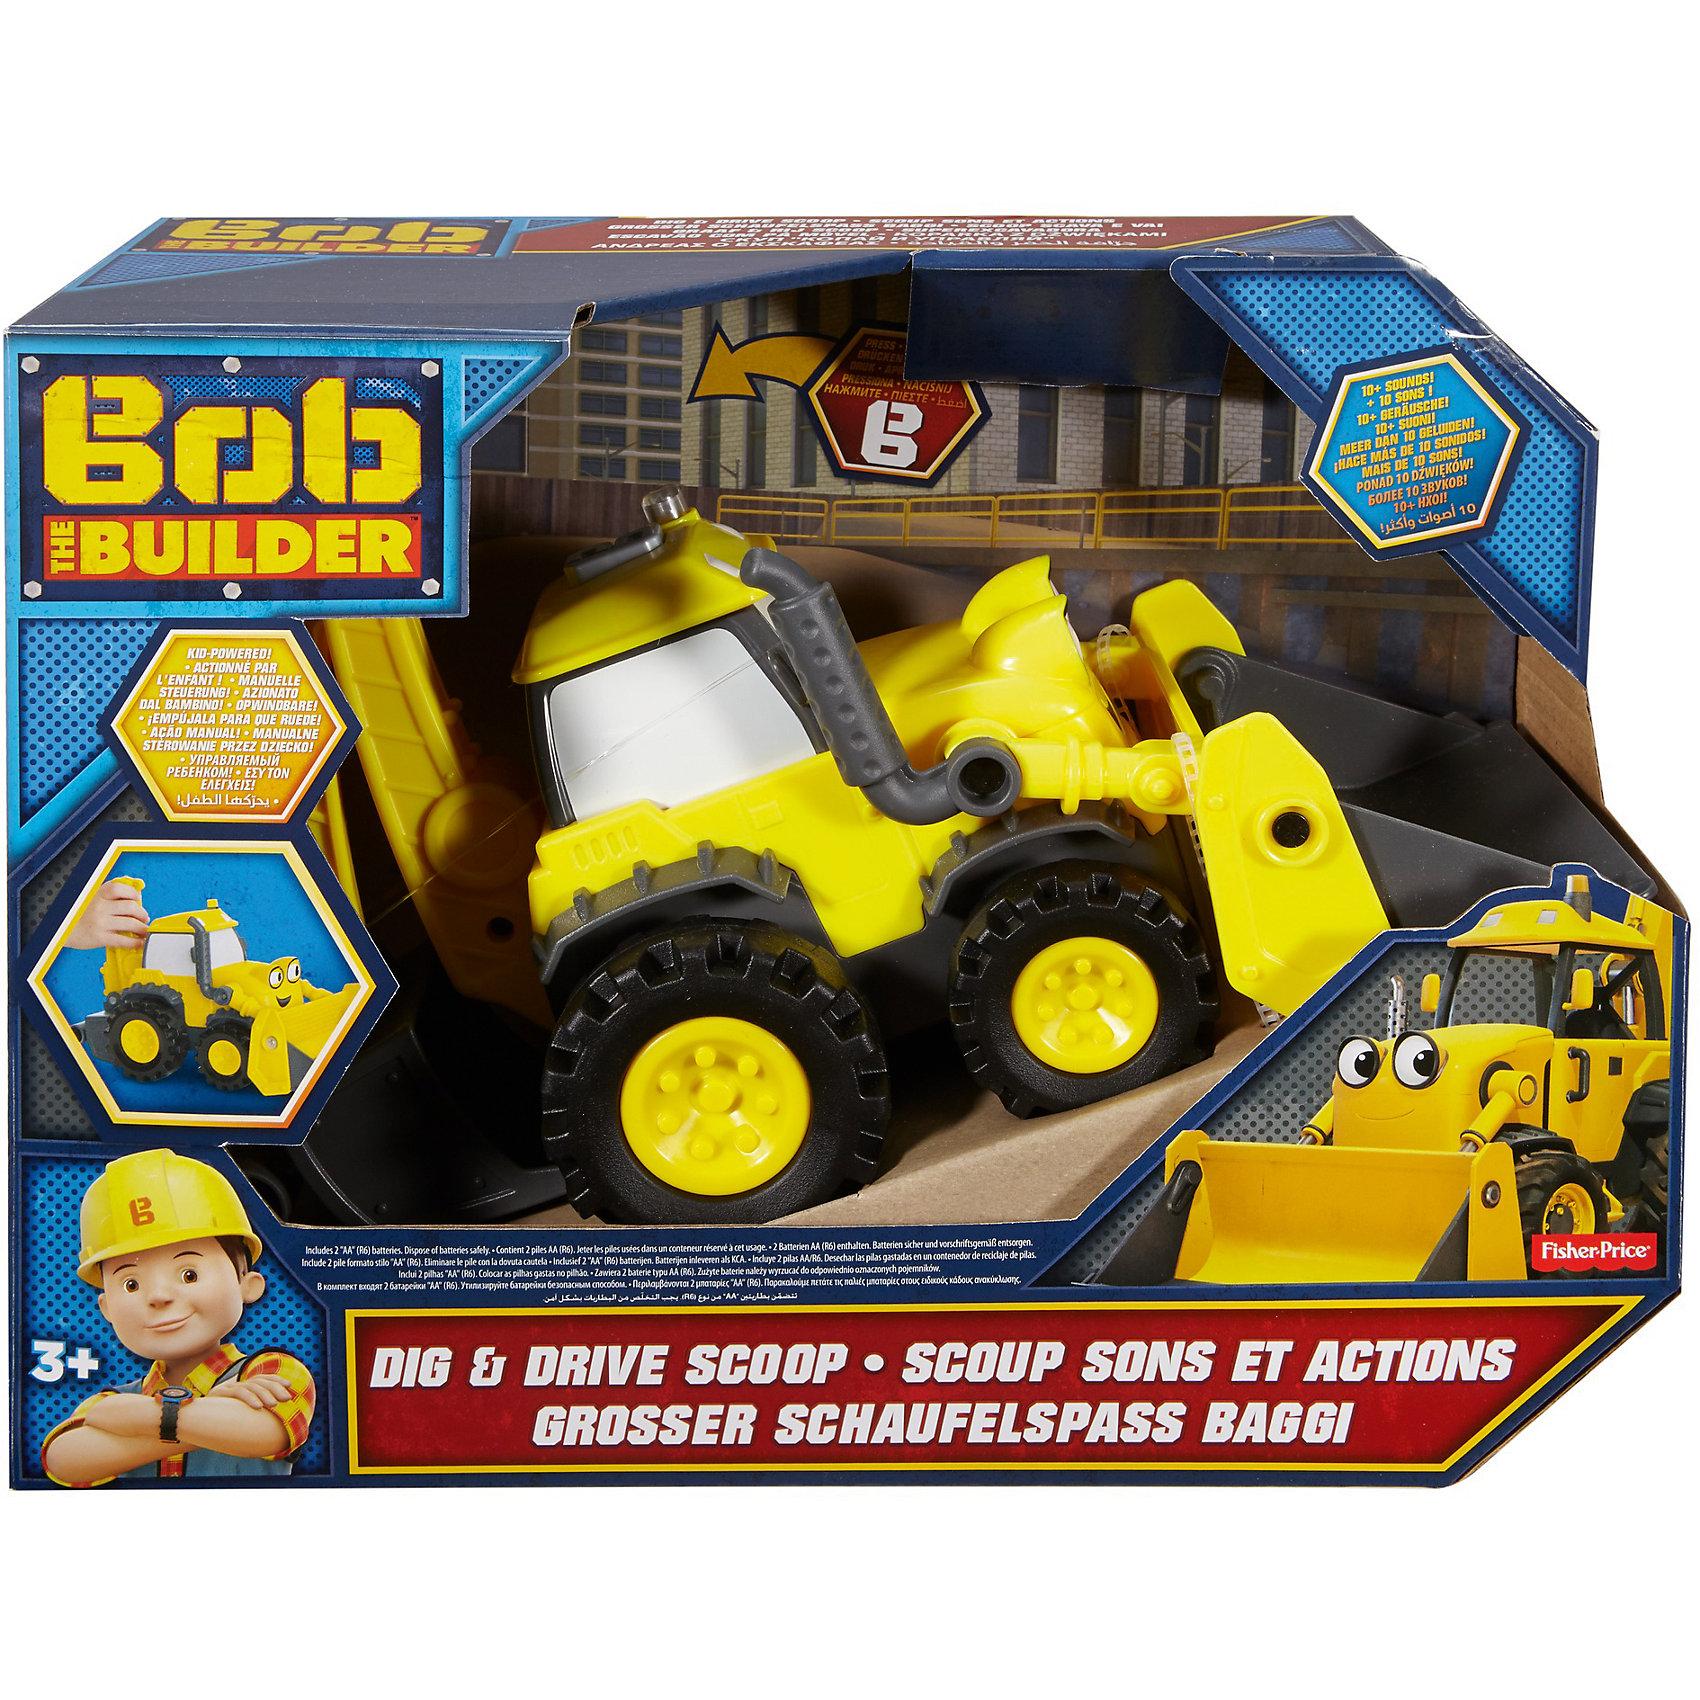 Экскаватор Fisher-Price Боб-строитель Скуп Копай и уравляйМашинки<br>Характеристики товара:<br><br>• возраст: от 3 лет<br>• материал: пластик;<br>• размер упаковки: 26X34,5X15,5 см;<br>• страна бренда: США<br>• страна изготовоитель: Китай<br><br>Скуп — не просто трудяга-экскаватор: он лучший друг Боба-строителя. Теперь ваш маленький строитель сможет управлять Скупом по-новому с этим набором «Копай глубже». <br><br>Игрушечный строительный экскаватор двигается от толчка руки ребенка. Машина издает настоящие звуки работающего экскаватора; передние и задние ковши отсоединяются, можно включить подсветку на крыше и вокруг рта, а колеса обеспечивают реалистичную мобильность и управляемость. <br><br>Поднимите и опустите передний ковш Скупа с помощью выхлопной трубы и нажмите кнопку «В» на крыше, чтобы включить звук и подсветку. Рукоять экскаватора с задним ковшом полностью выдвигается и убирается для компактности.<br><br>Экскаватор Fisher-Price Боб-строитель Скуп Копай и уравляй можно купить в нашем интернет-магазине.<br><br>Ширина мм: 260<br>Глубина мм: 155<br>Высота мм: 345<br>Вес г: 1104<br>Возраст от месяцев: 36<br>Возраст до месяцев: 2147483647<br>Пол: Унисекс<br>Возраст: Детский<br>SKU: 7014785